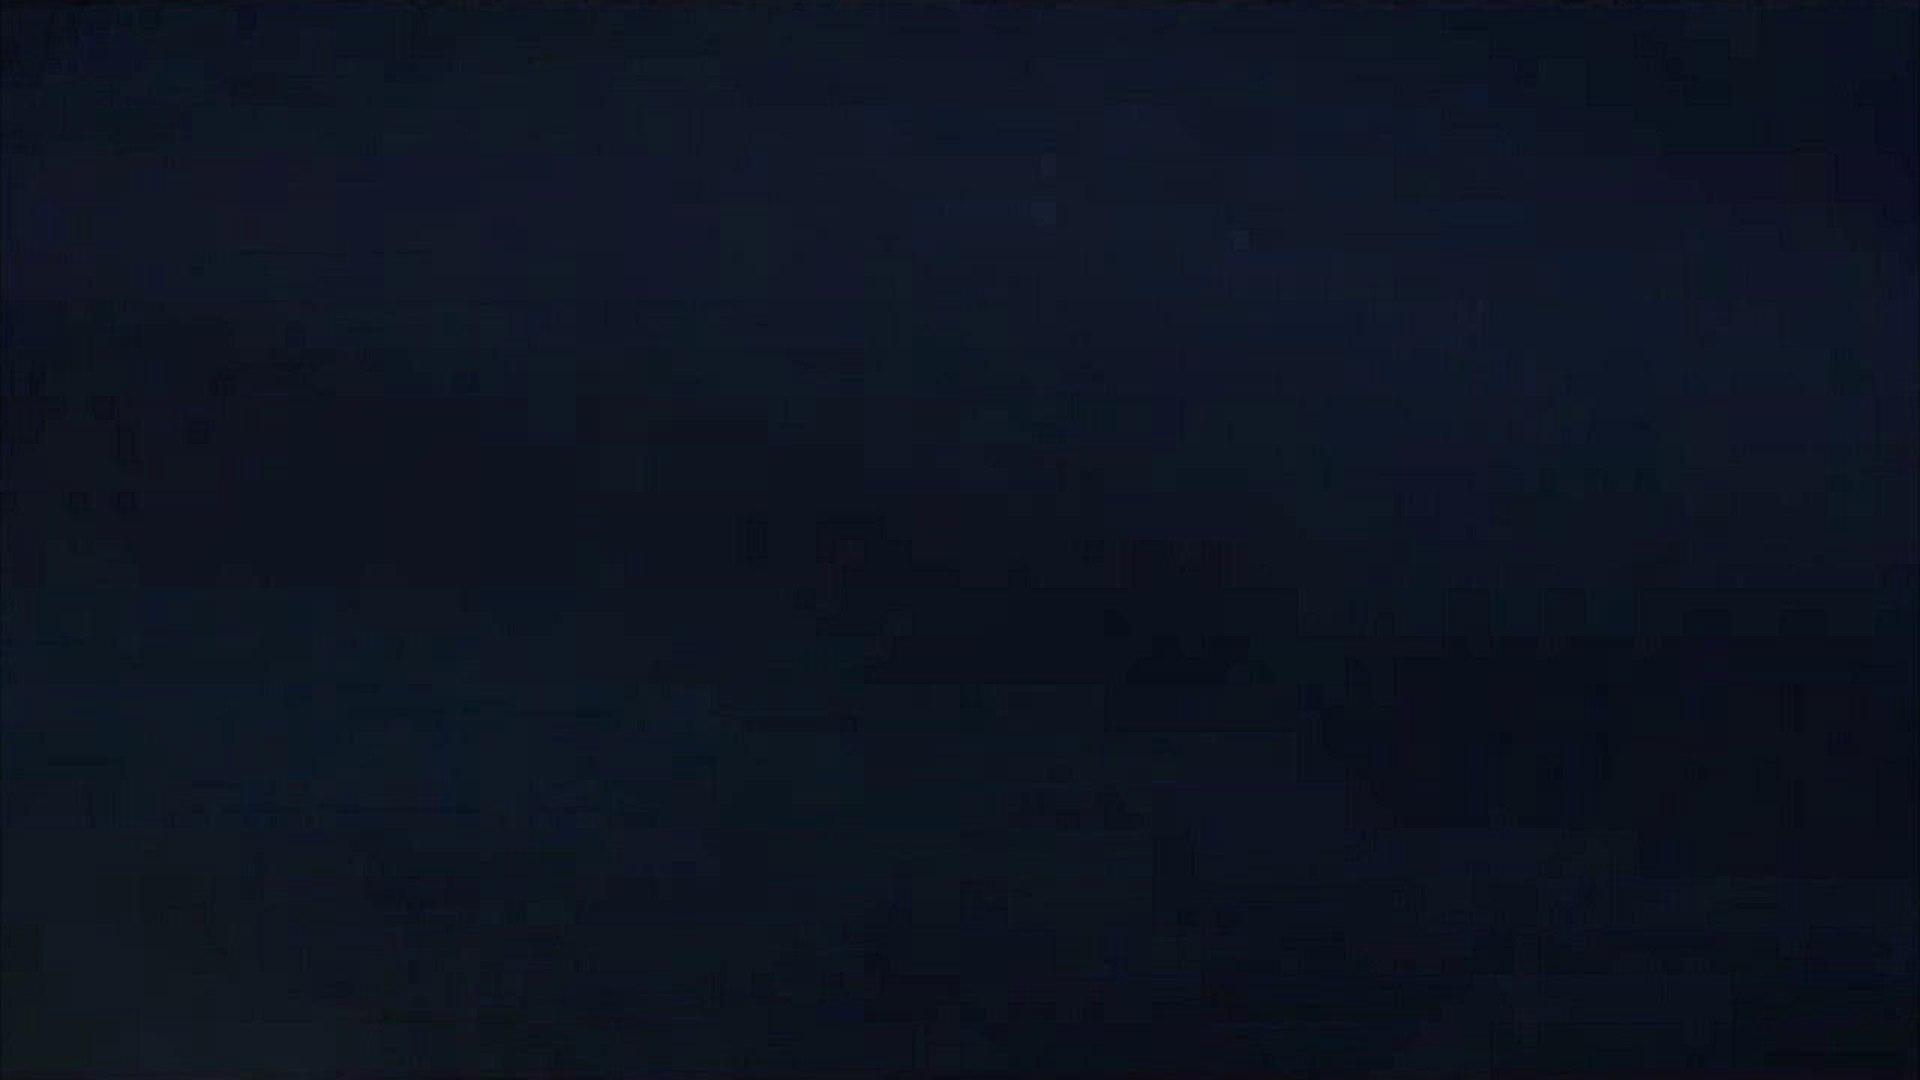 vol.6 -後編-ユリナちゃん妊娠したら責任取るからね・・・【MKB44位】 フェラ動画 | ○族  100画像 9